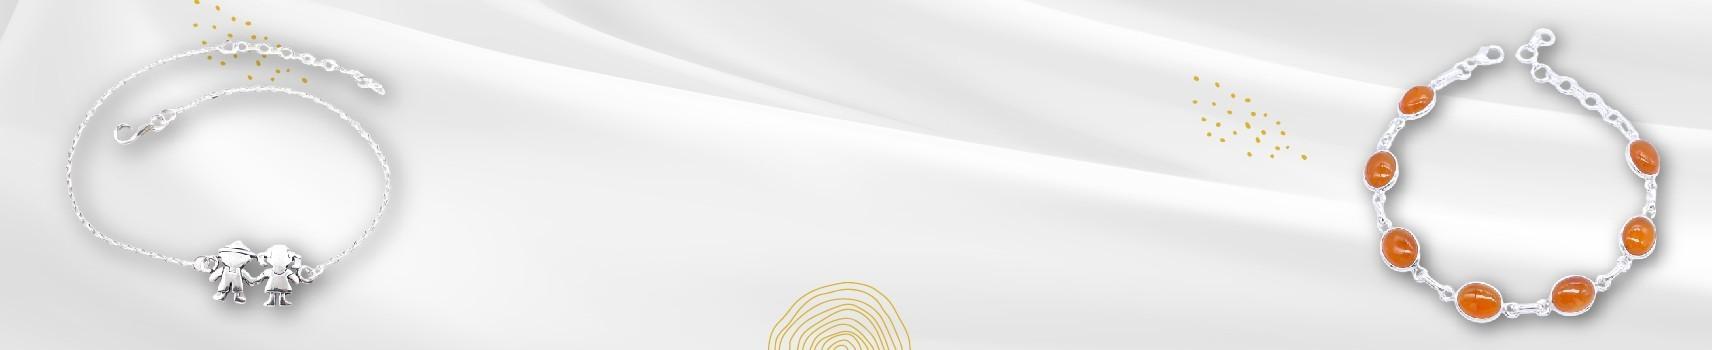 Colección Aritzi - Pulseras de Mujer en Plata y Acero